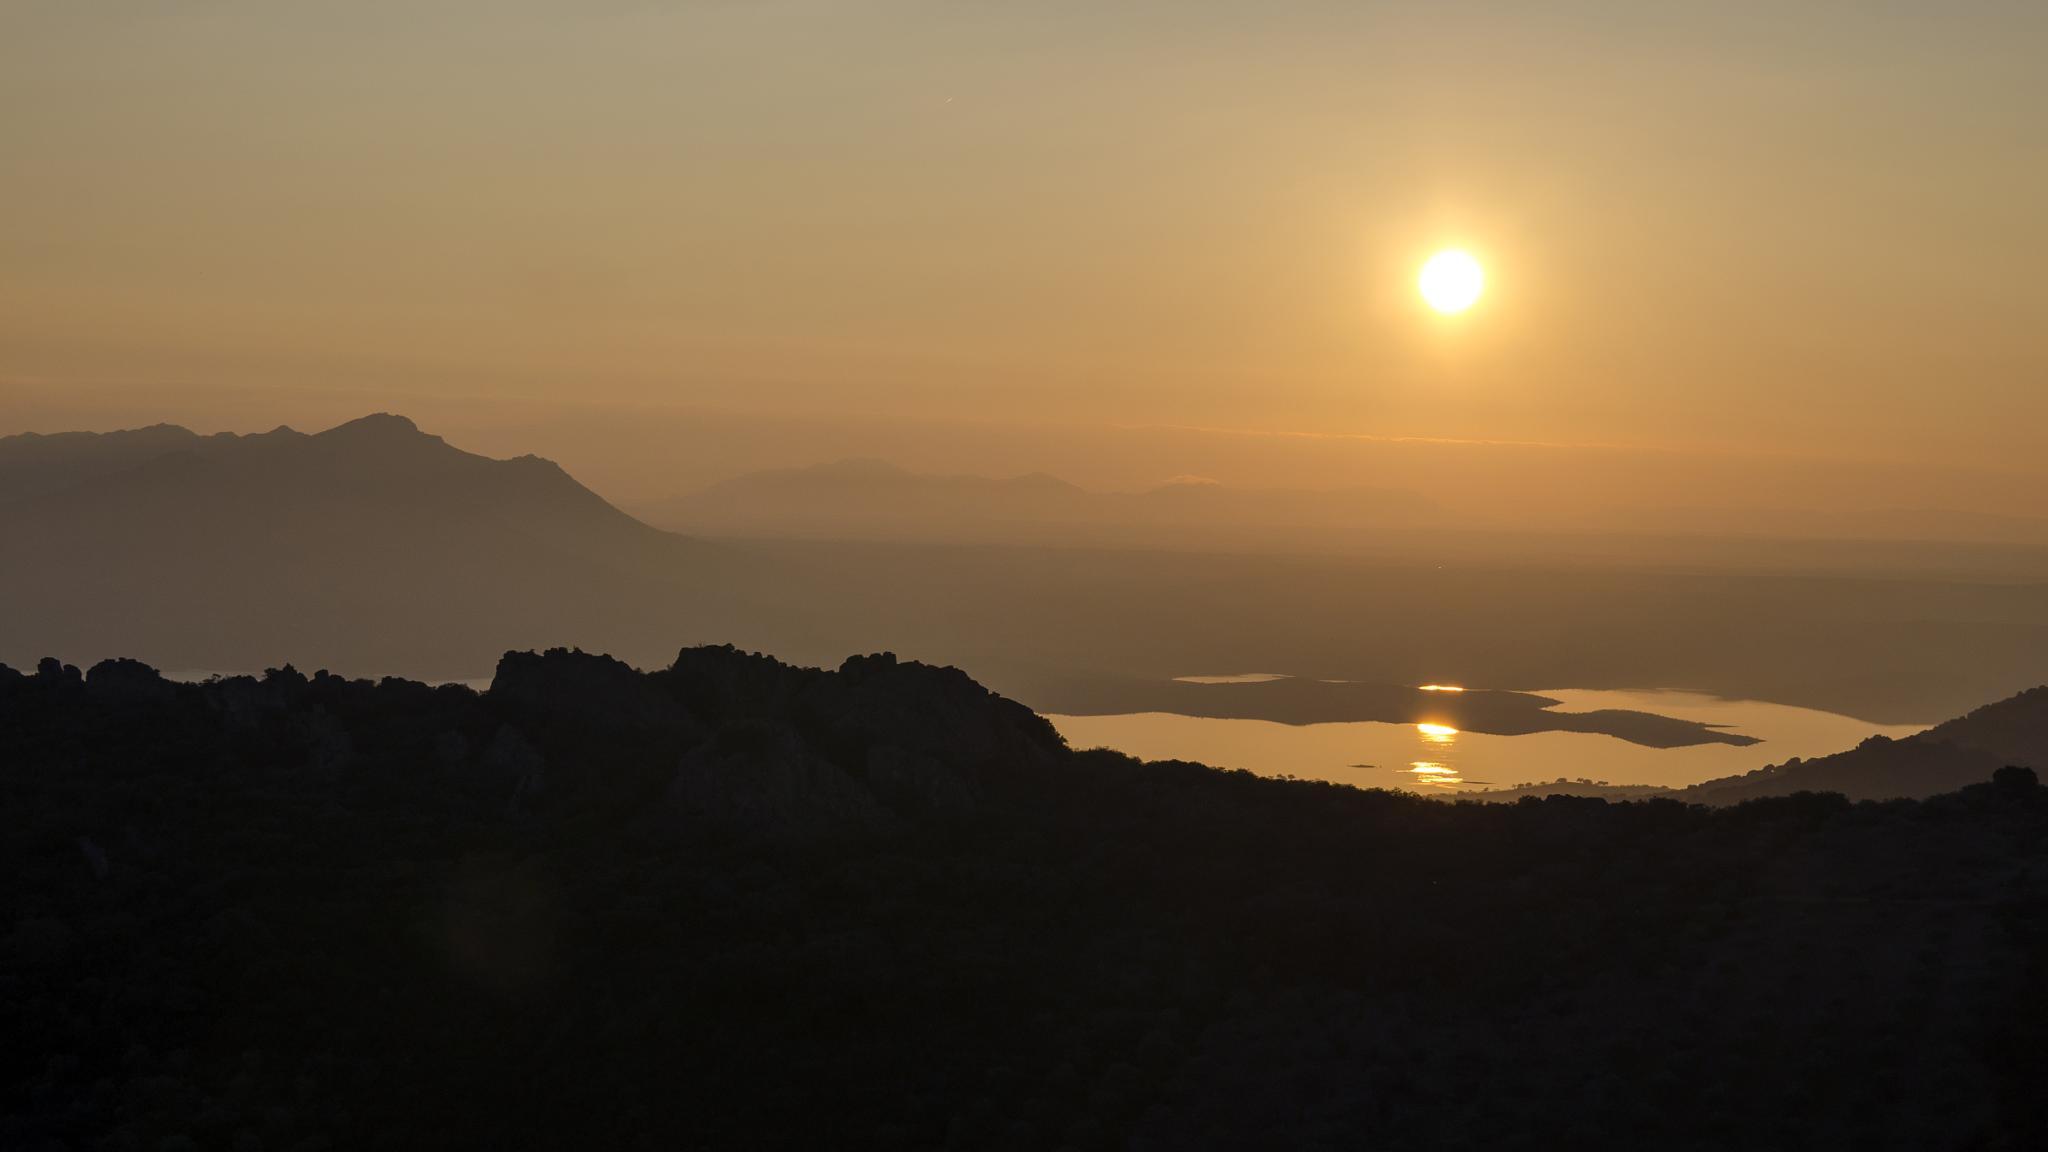 Garlitos' Sunset - Spain by matias.p.gargiulo